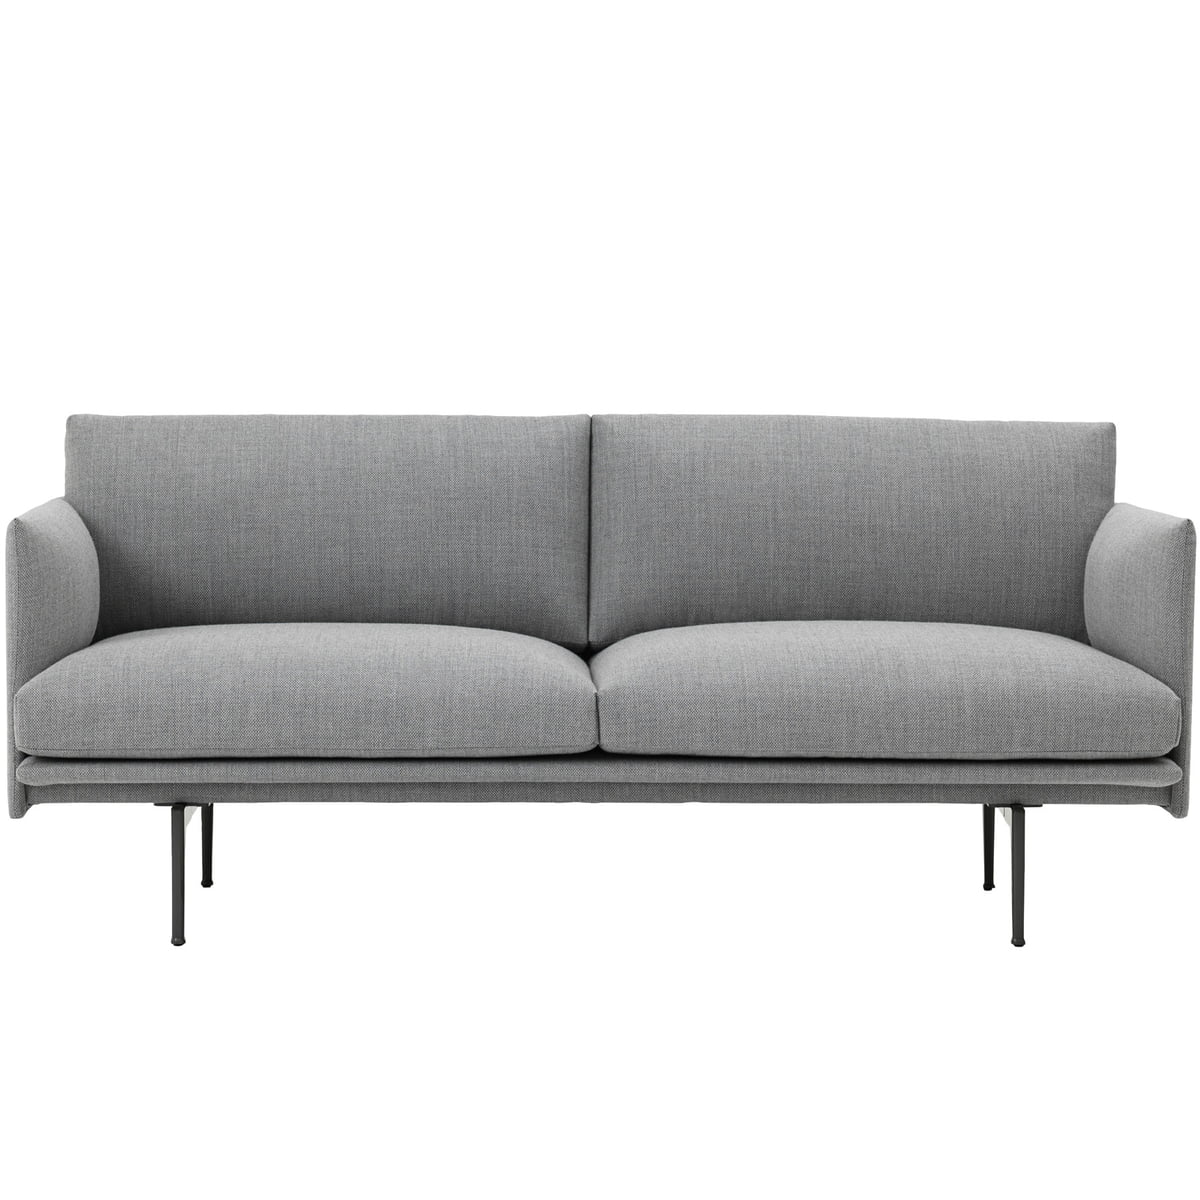 Full Size of Sofa Stoff Grau Outline 2 Sitzer Von Muuto Connoshop Indomo Weißes Flexform Schlaf überzug Big Braun Bezug Ecksofa L Mit Schlaffunktion Relaxfunktion Sofa Sofa Stoff Grau